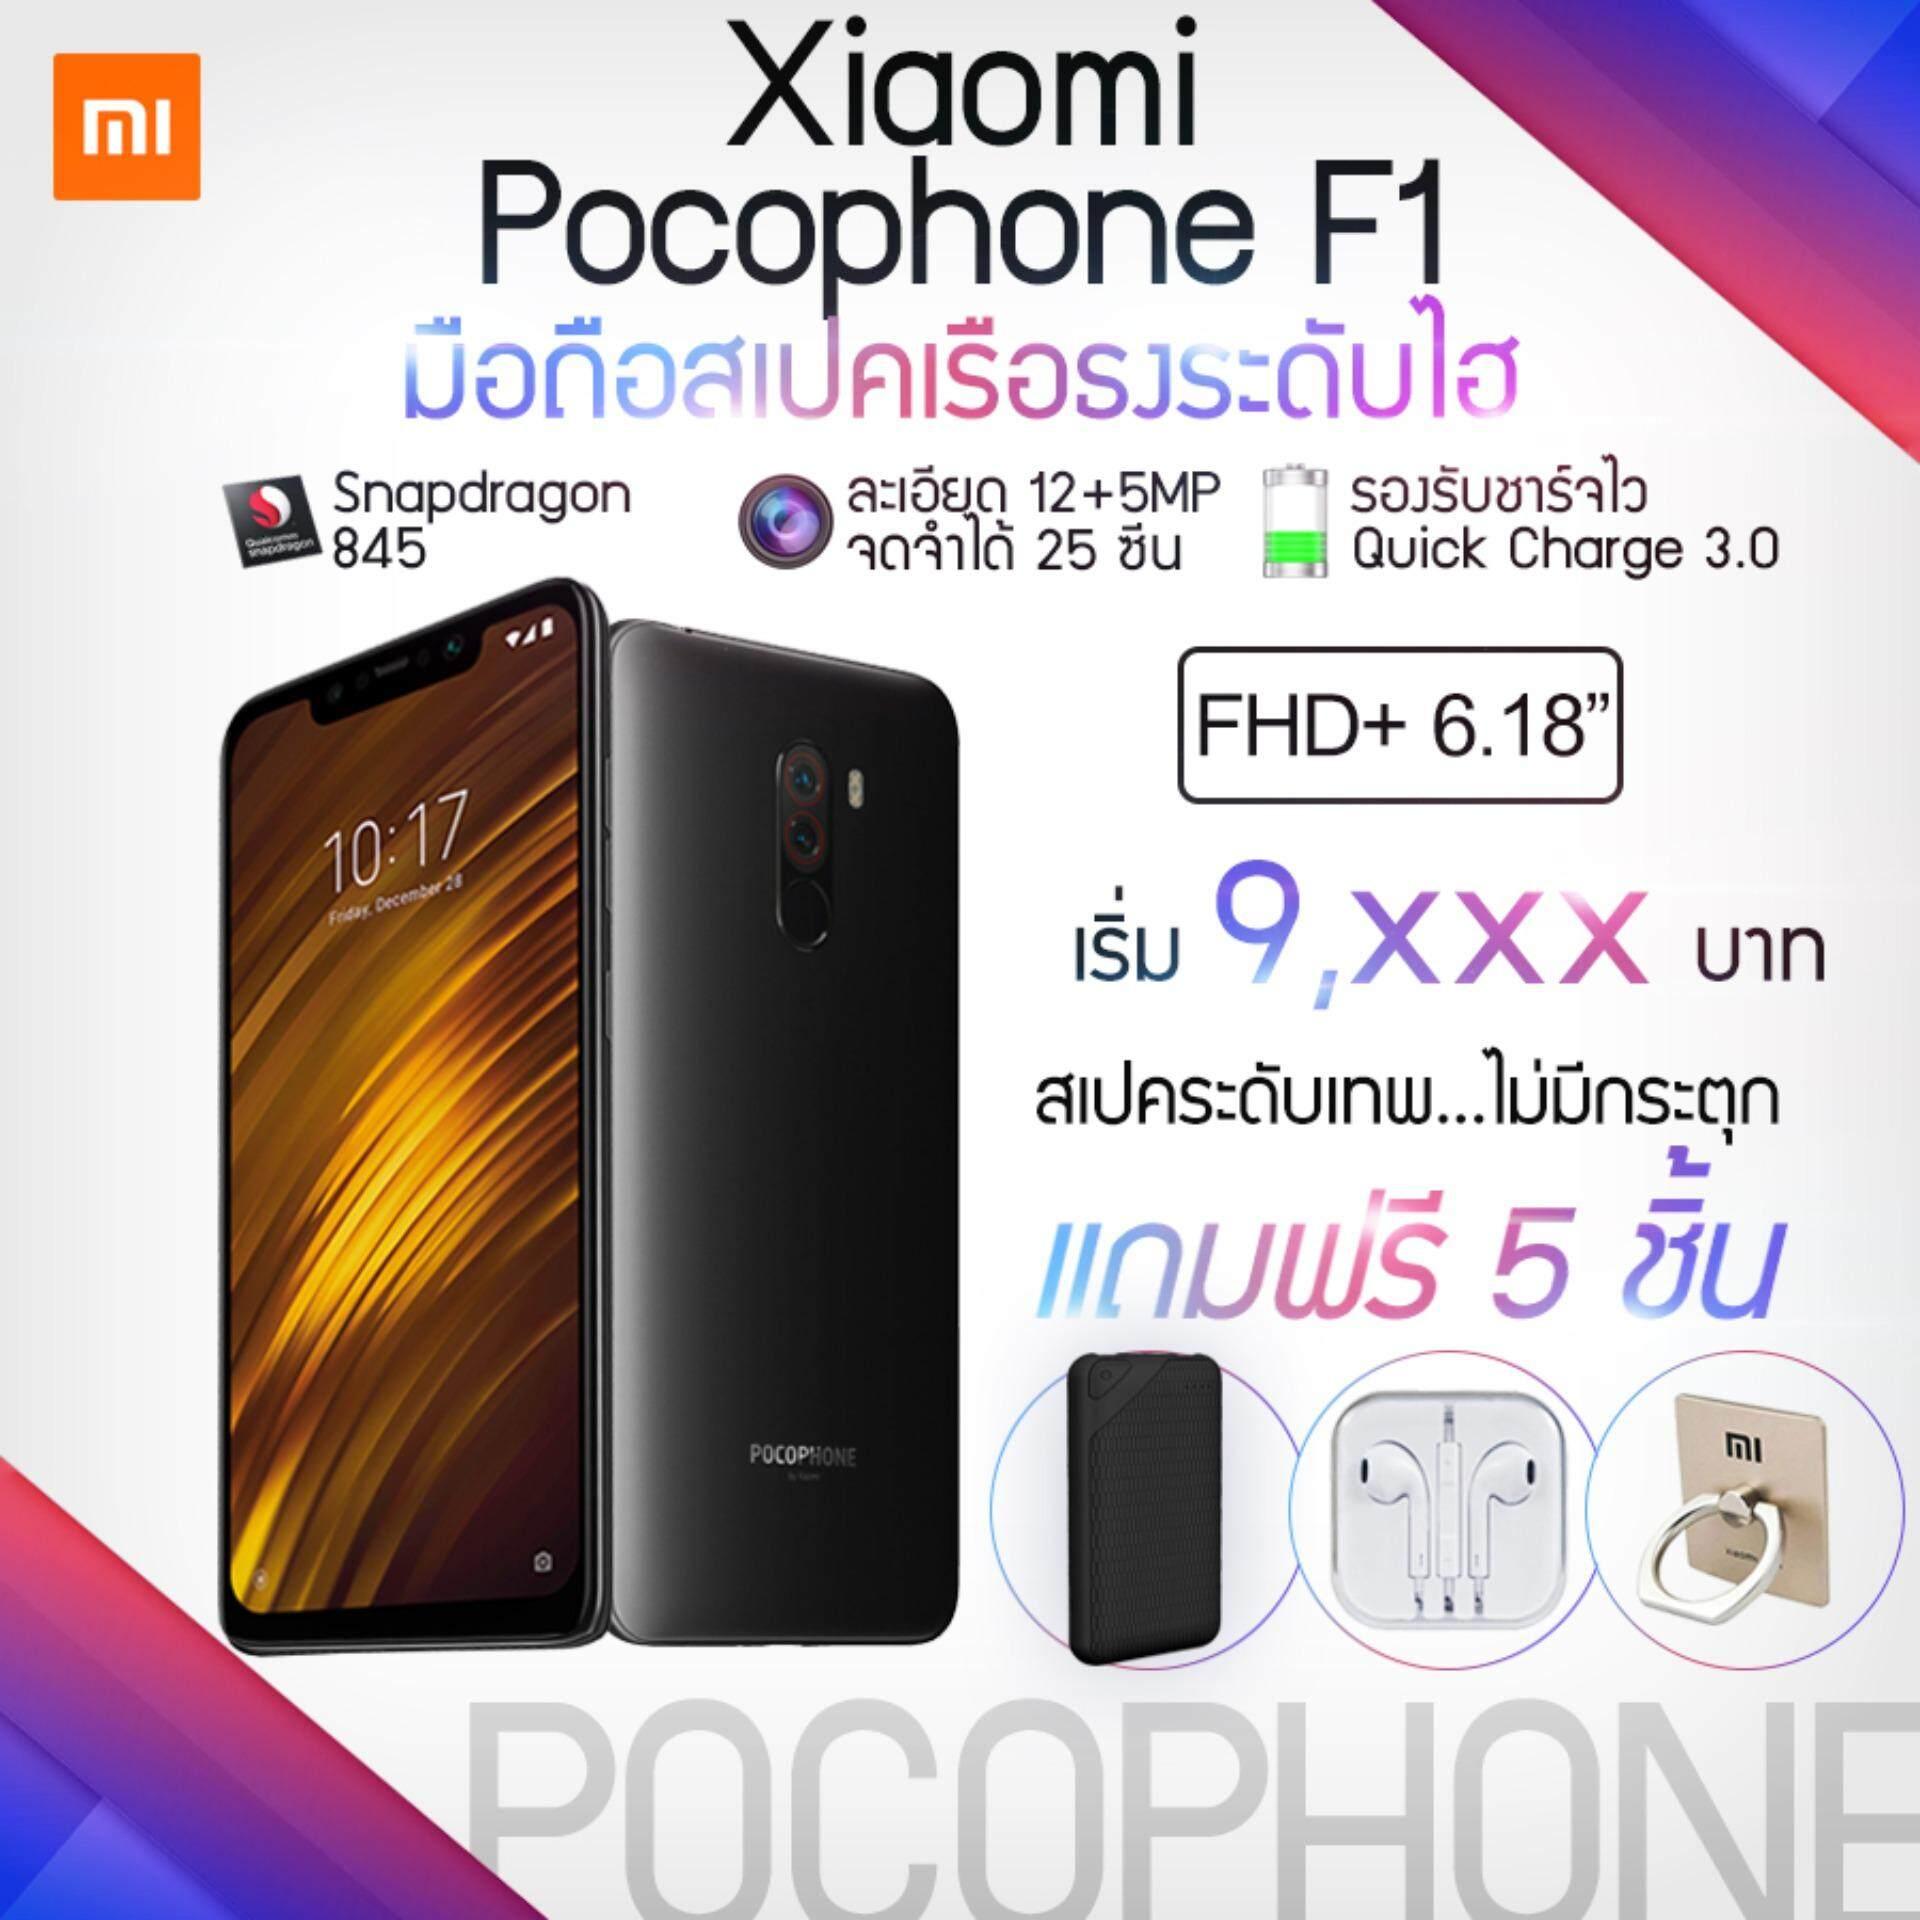 การใช้งาน  พังงา เอาไปเลย! Xiaomi Pocophone F1 [6/64GB][6/128GB] [Global Version] Snapdragon 845 แถมฟรี เพาเวอร์แบงค์  แหวนติดเคส[รับประกันร้าน 1 ปี]